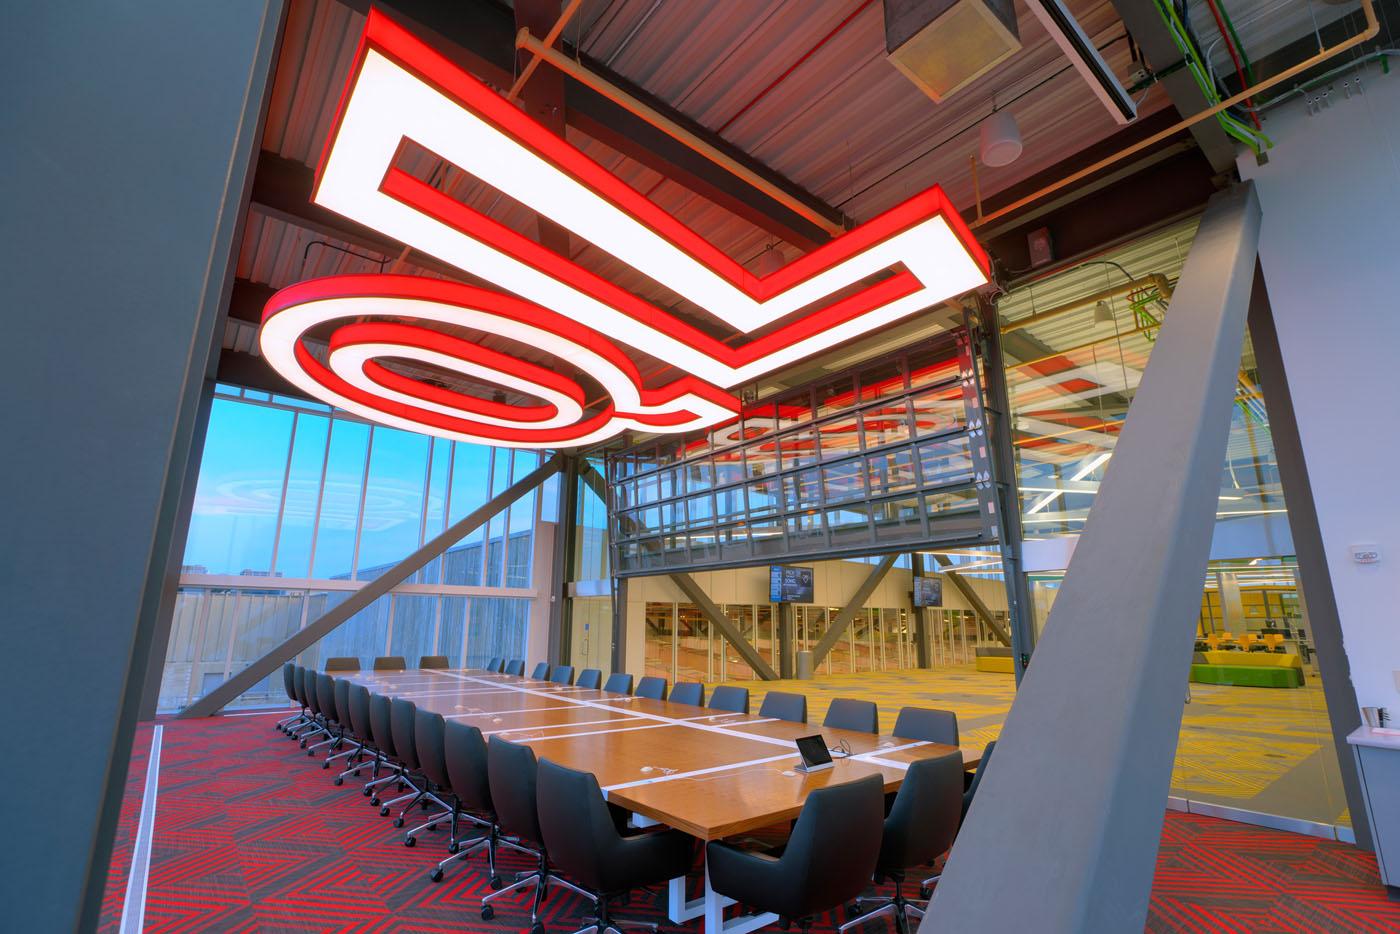 quicken loans technology center